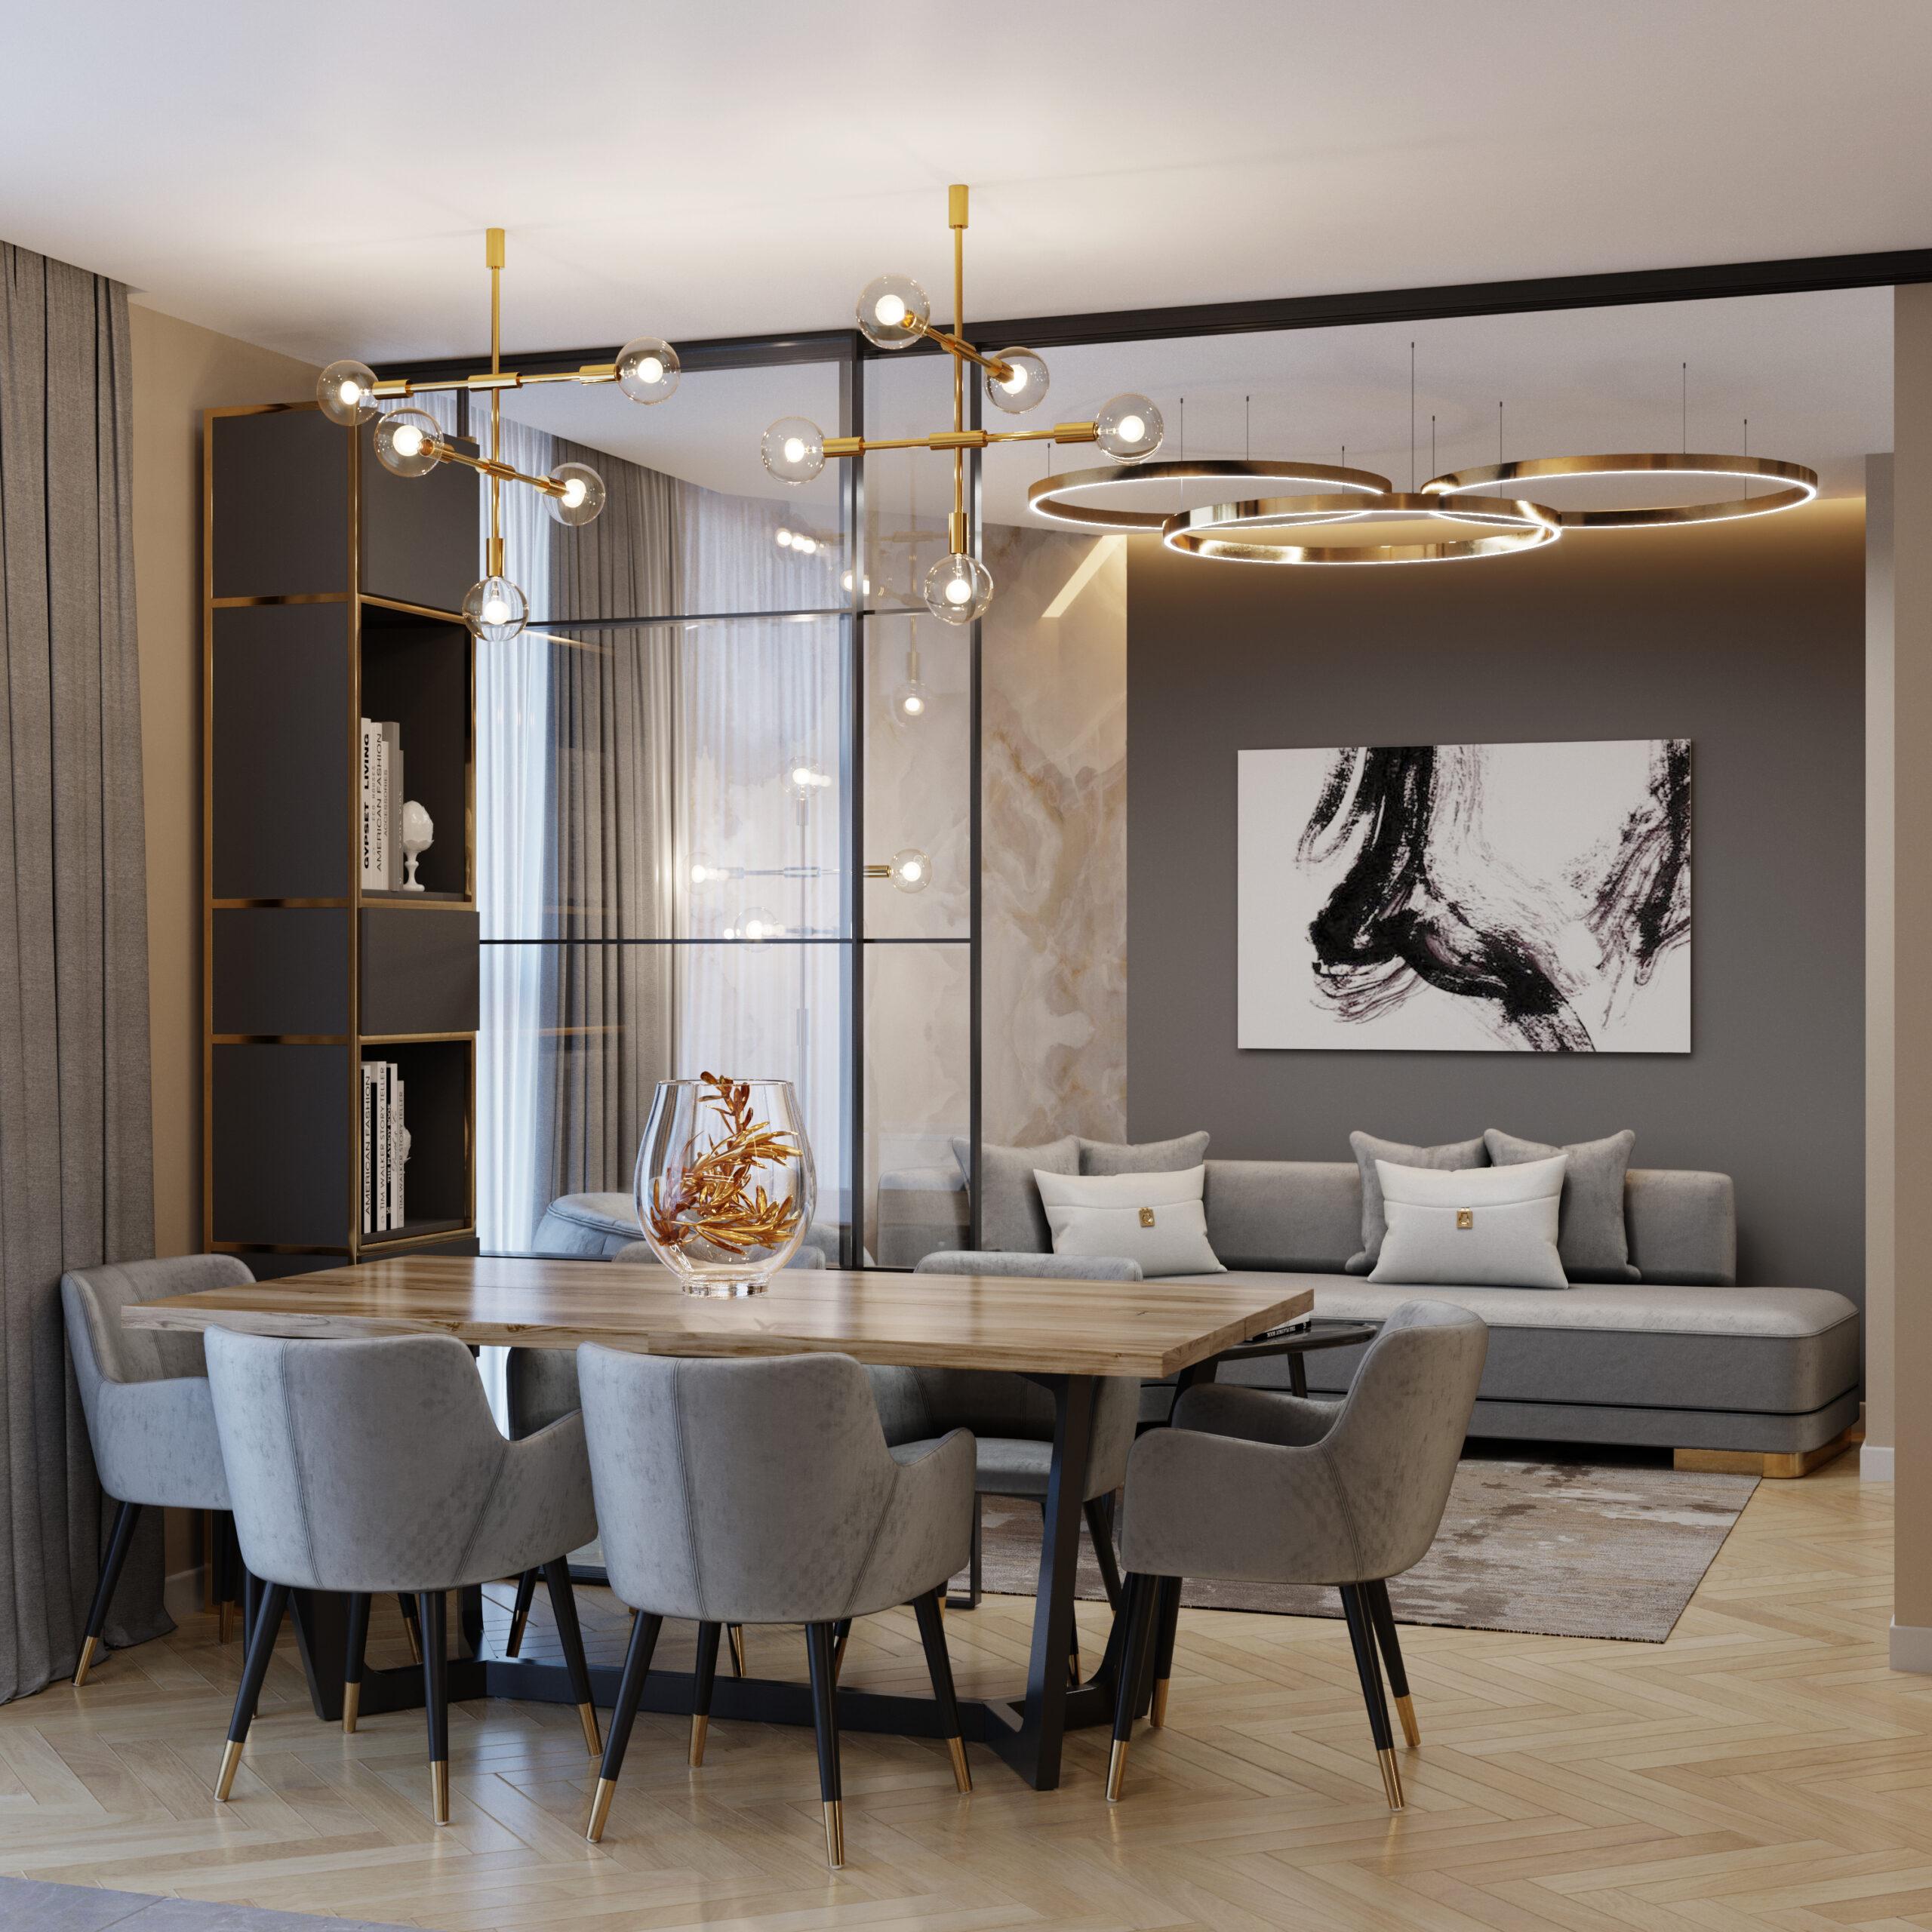 Full Size of Wohnzimmer Modern Moderne 3d Visualisierung Und Design Kamin Deko Dekoration Sofa Kleines Sideboard Beleuchtung Vorhänge Hängelampe Schrankwand Gardine Wohnzimmer Wohnzimmer Modern